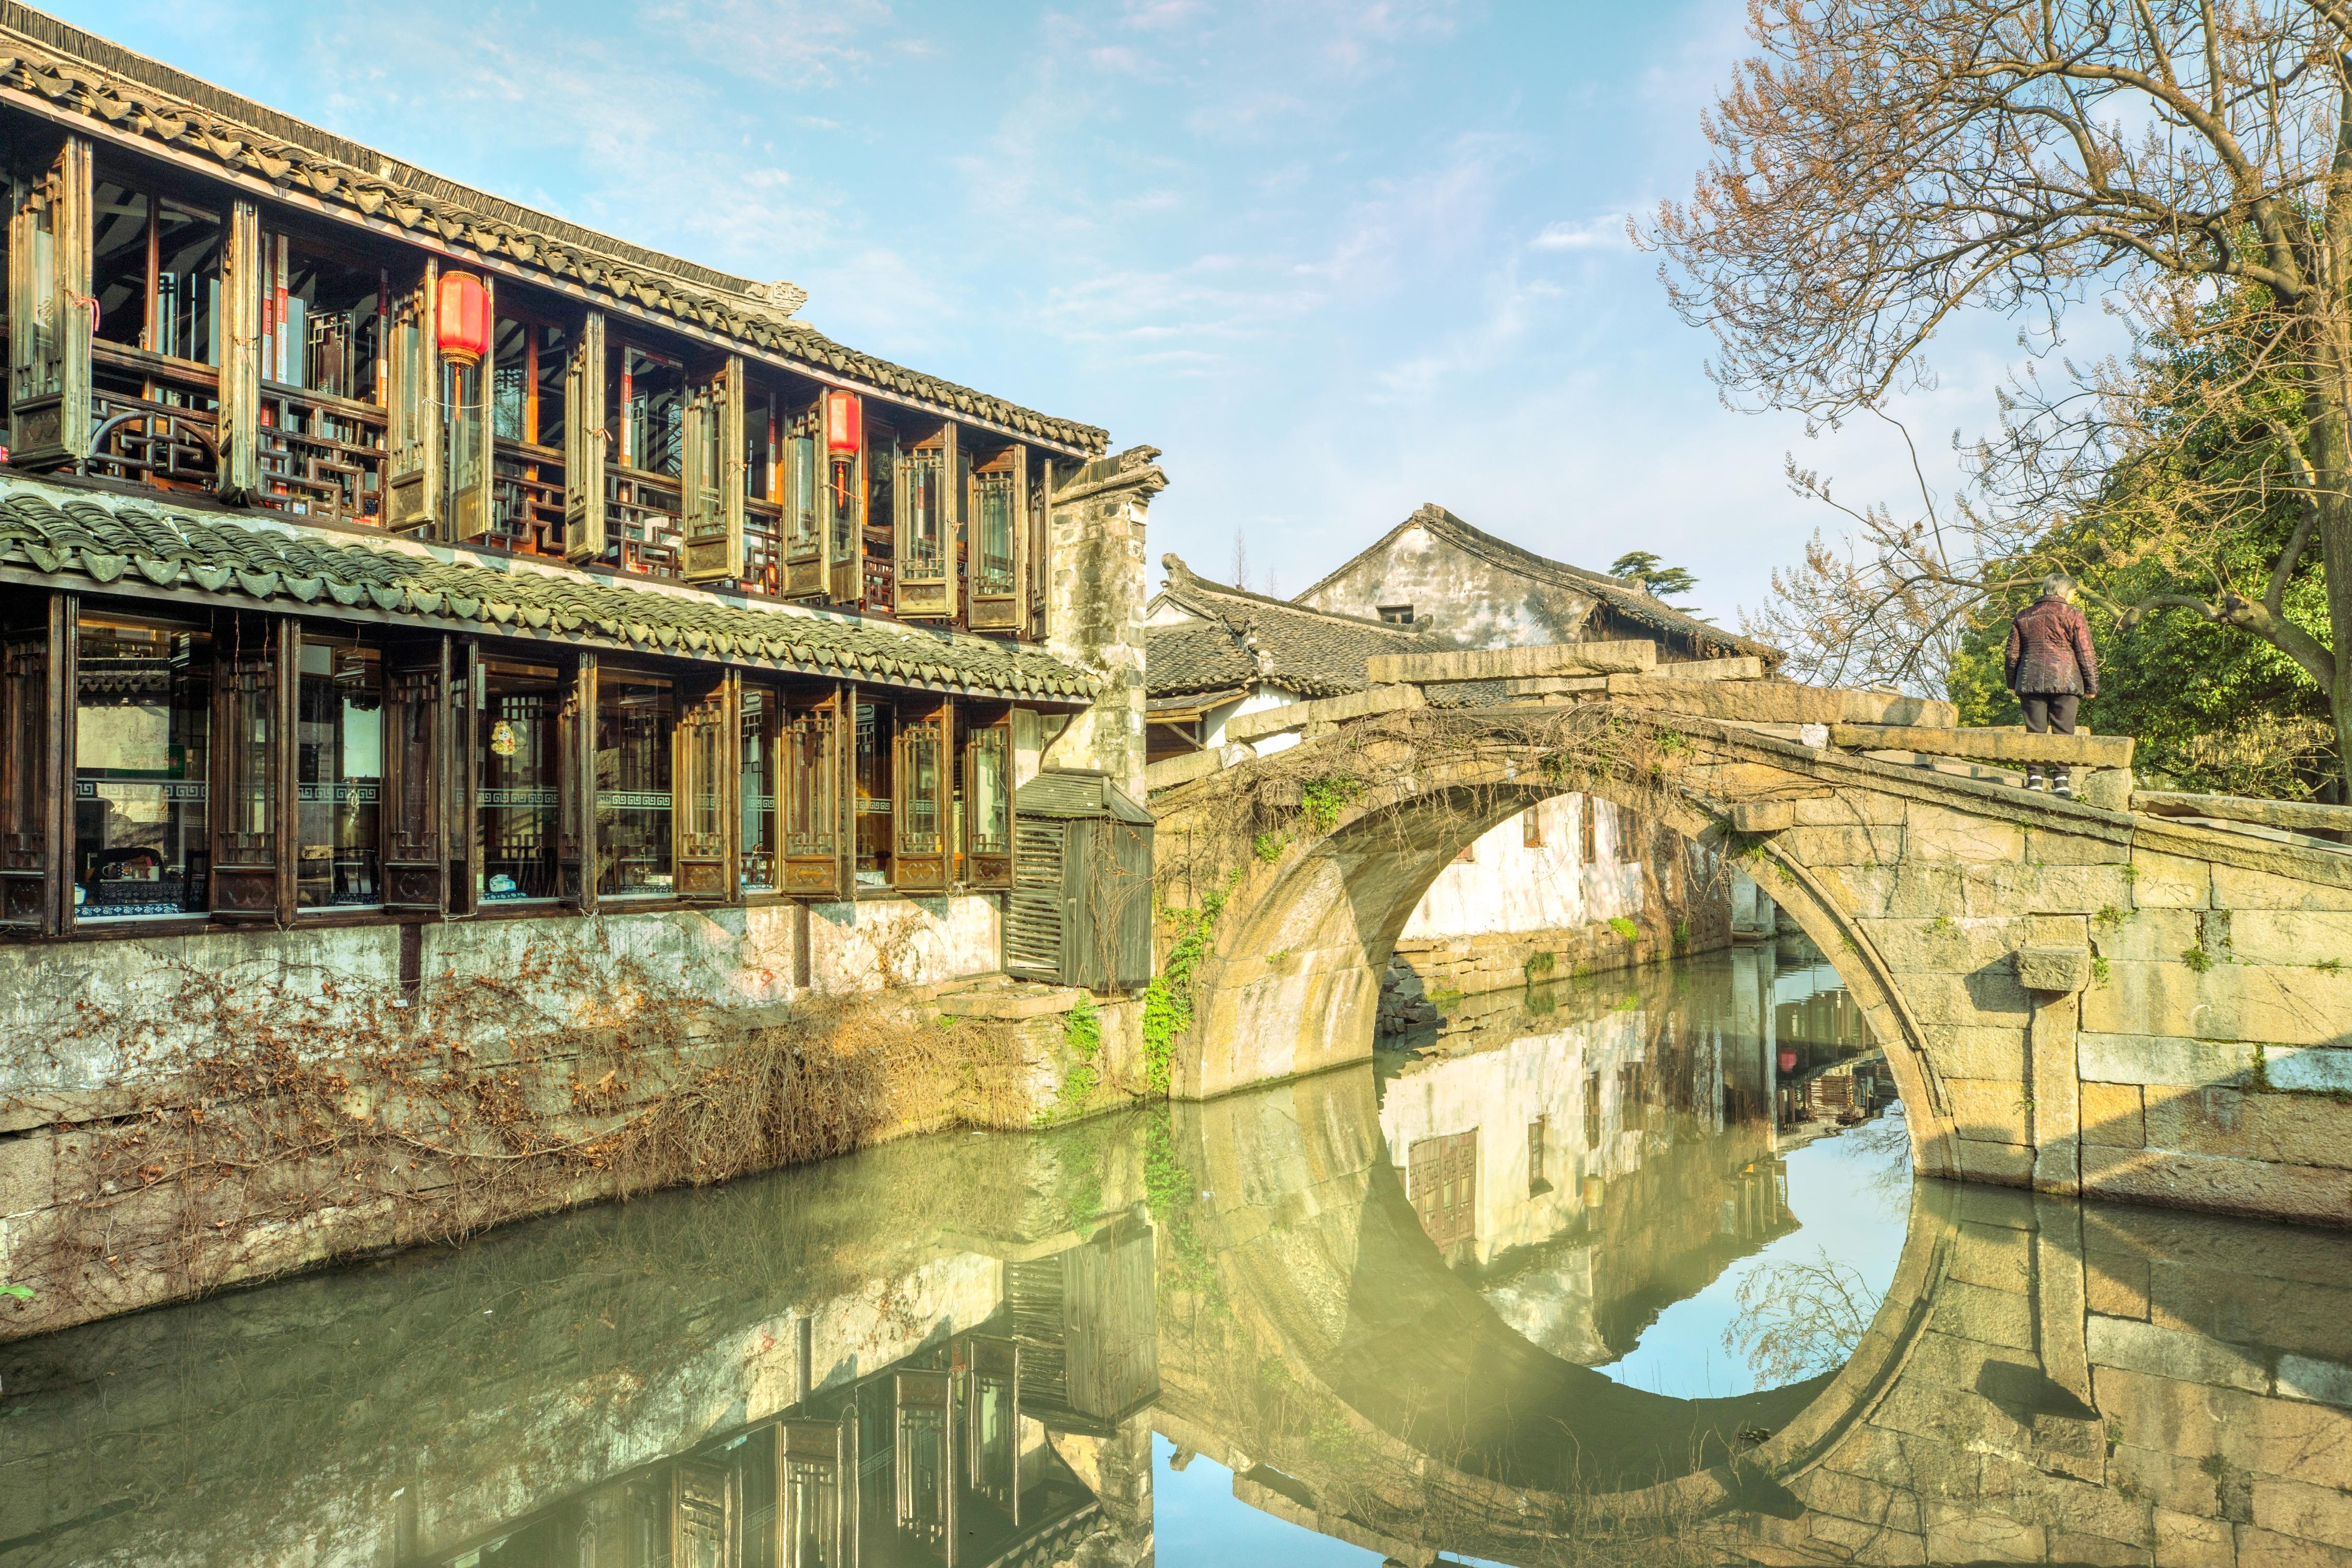 Shuangqiao